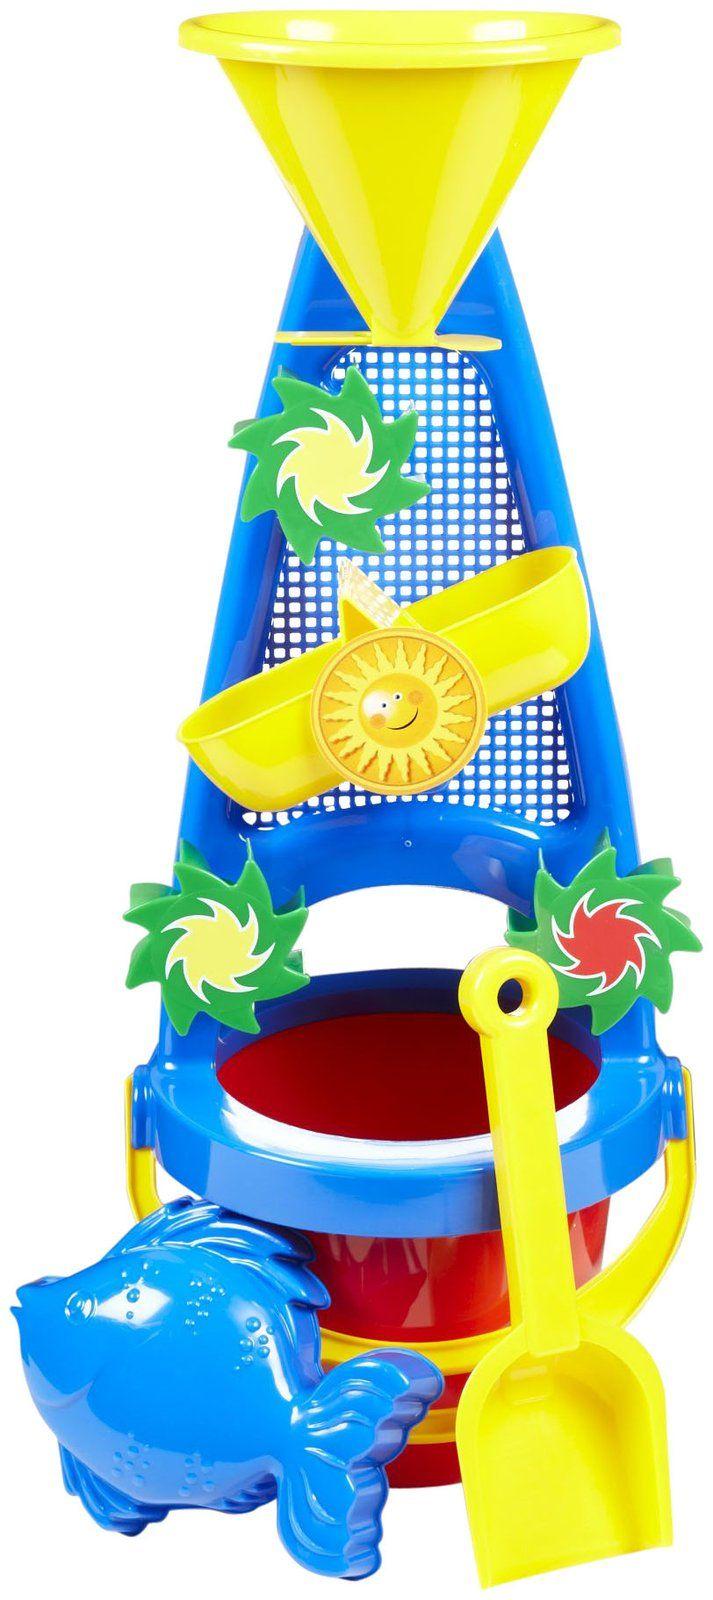 Deluxe Sand & Water Wheel Set $27.99